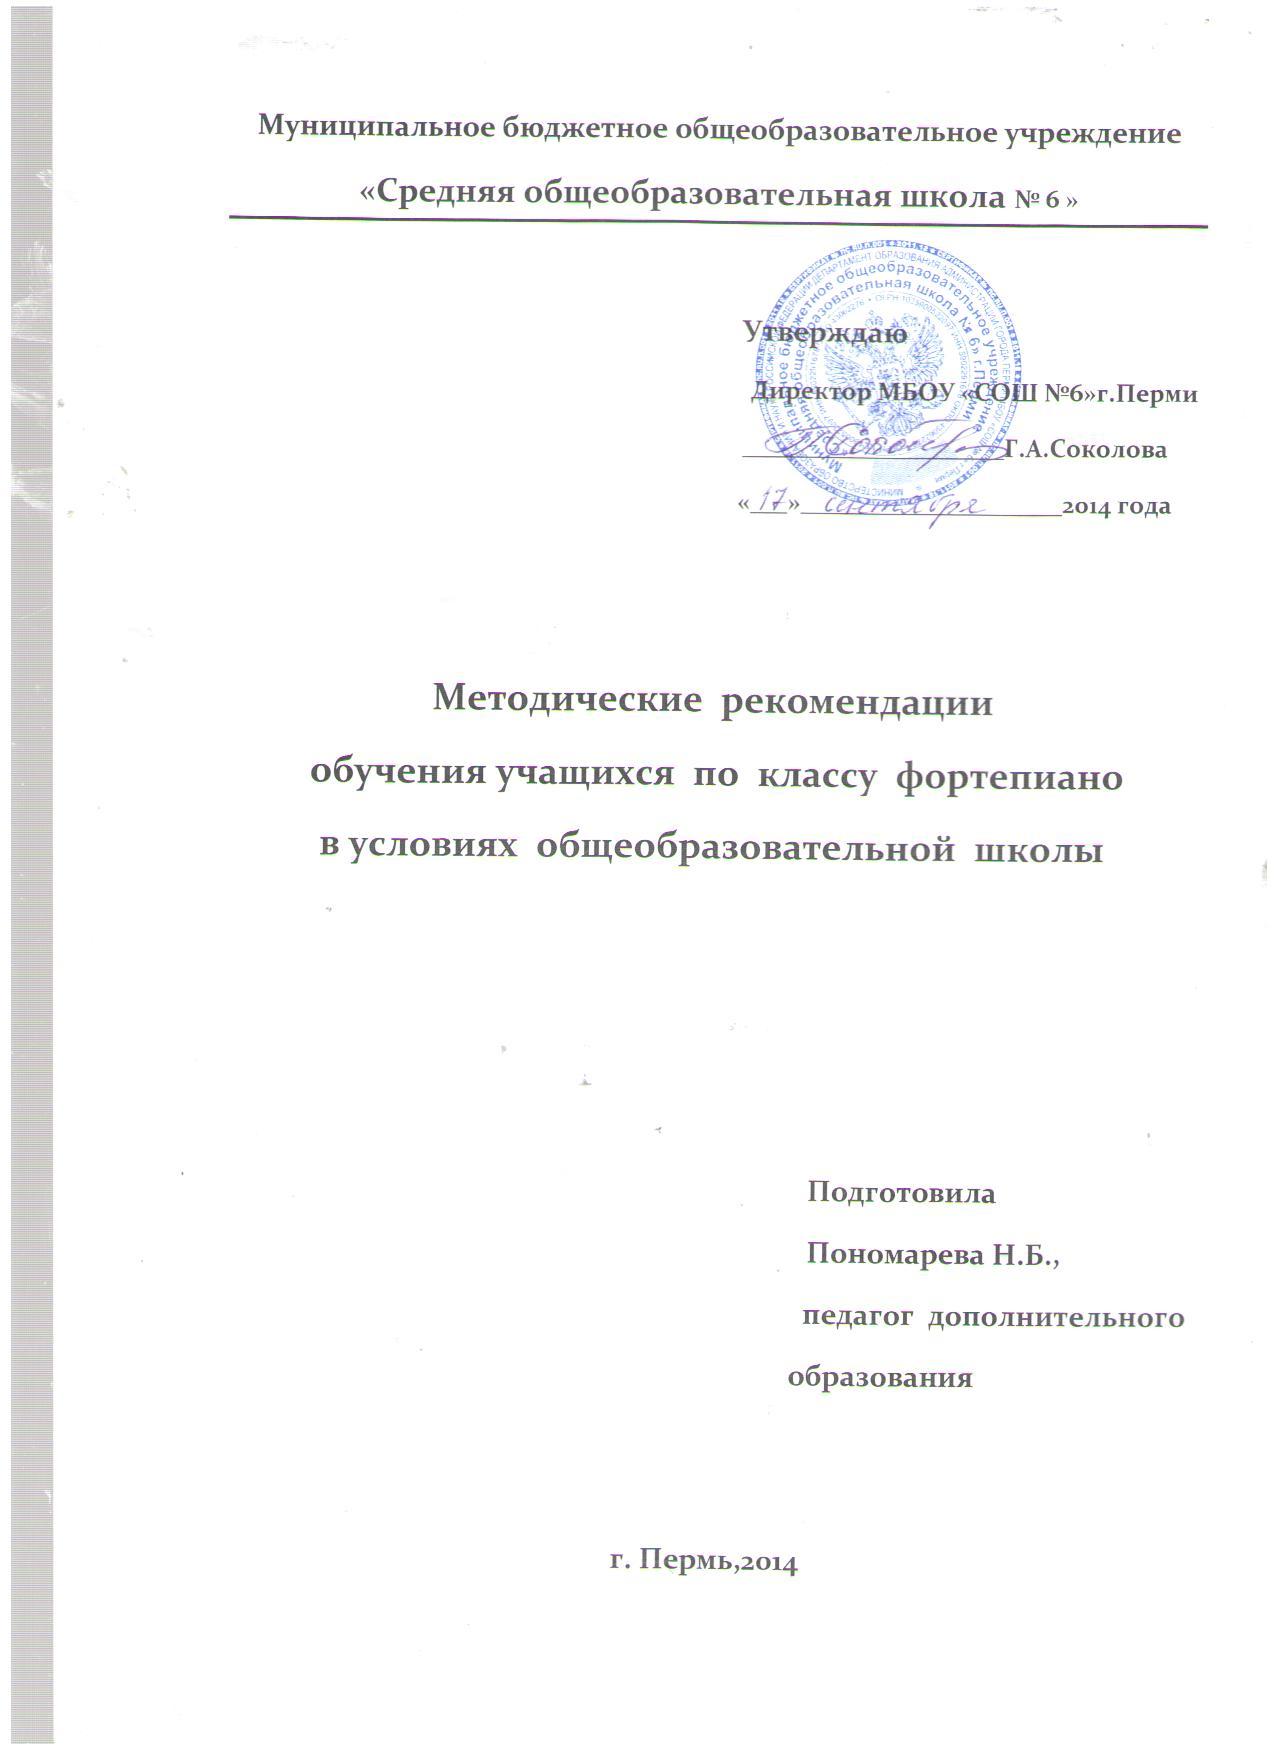 C:\Users\Нина\Desktop\Пономарева11\метод рекоменд 4.1 2.jpg